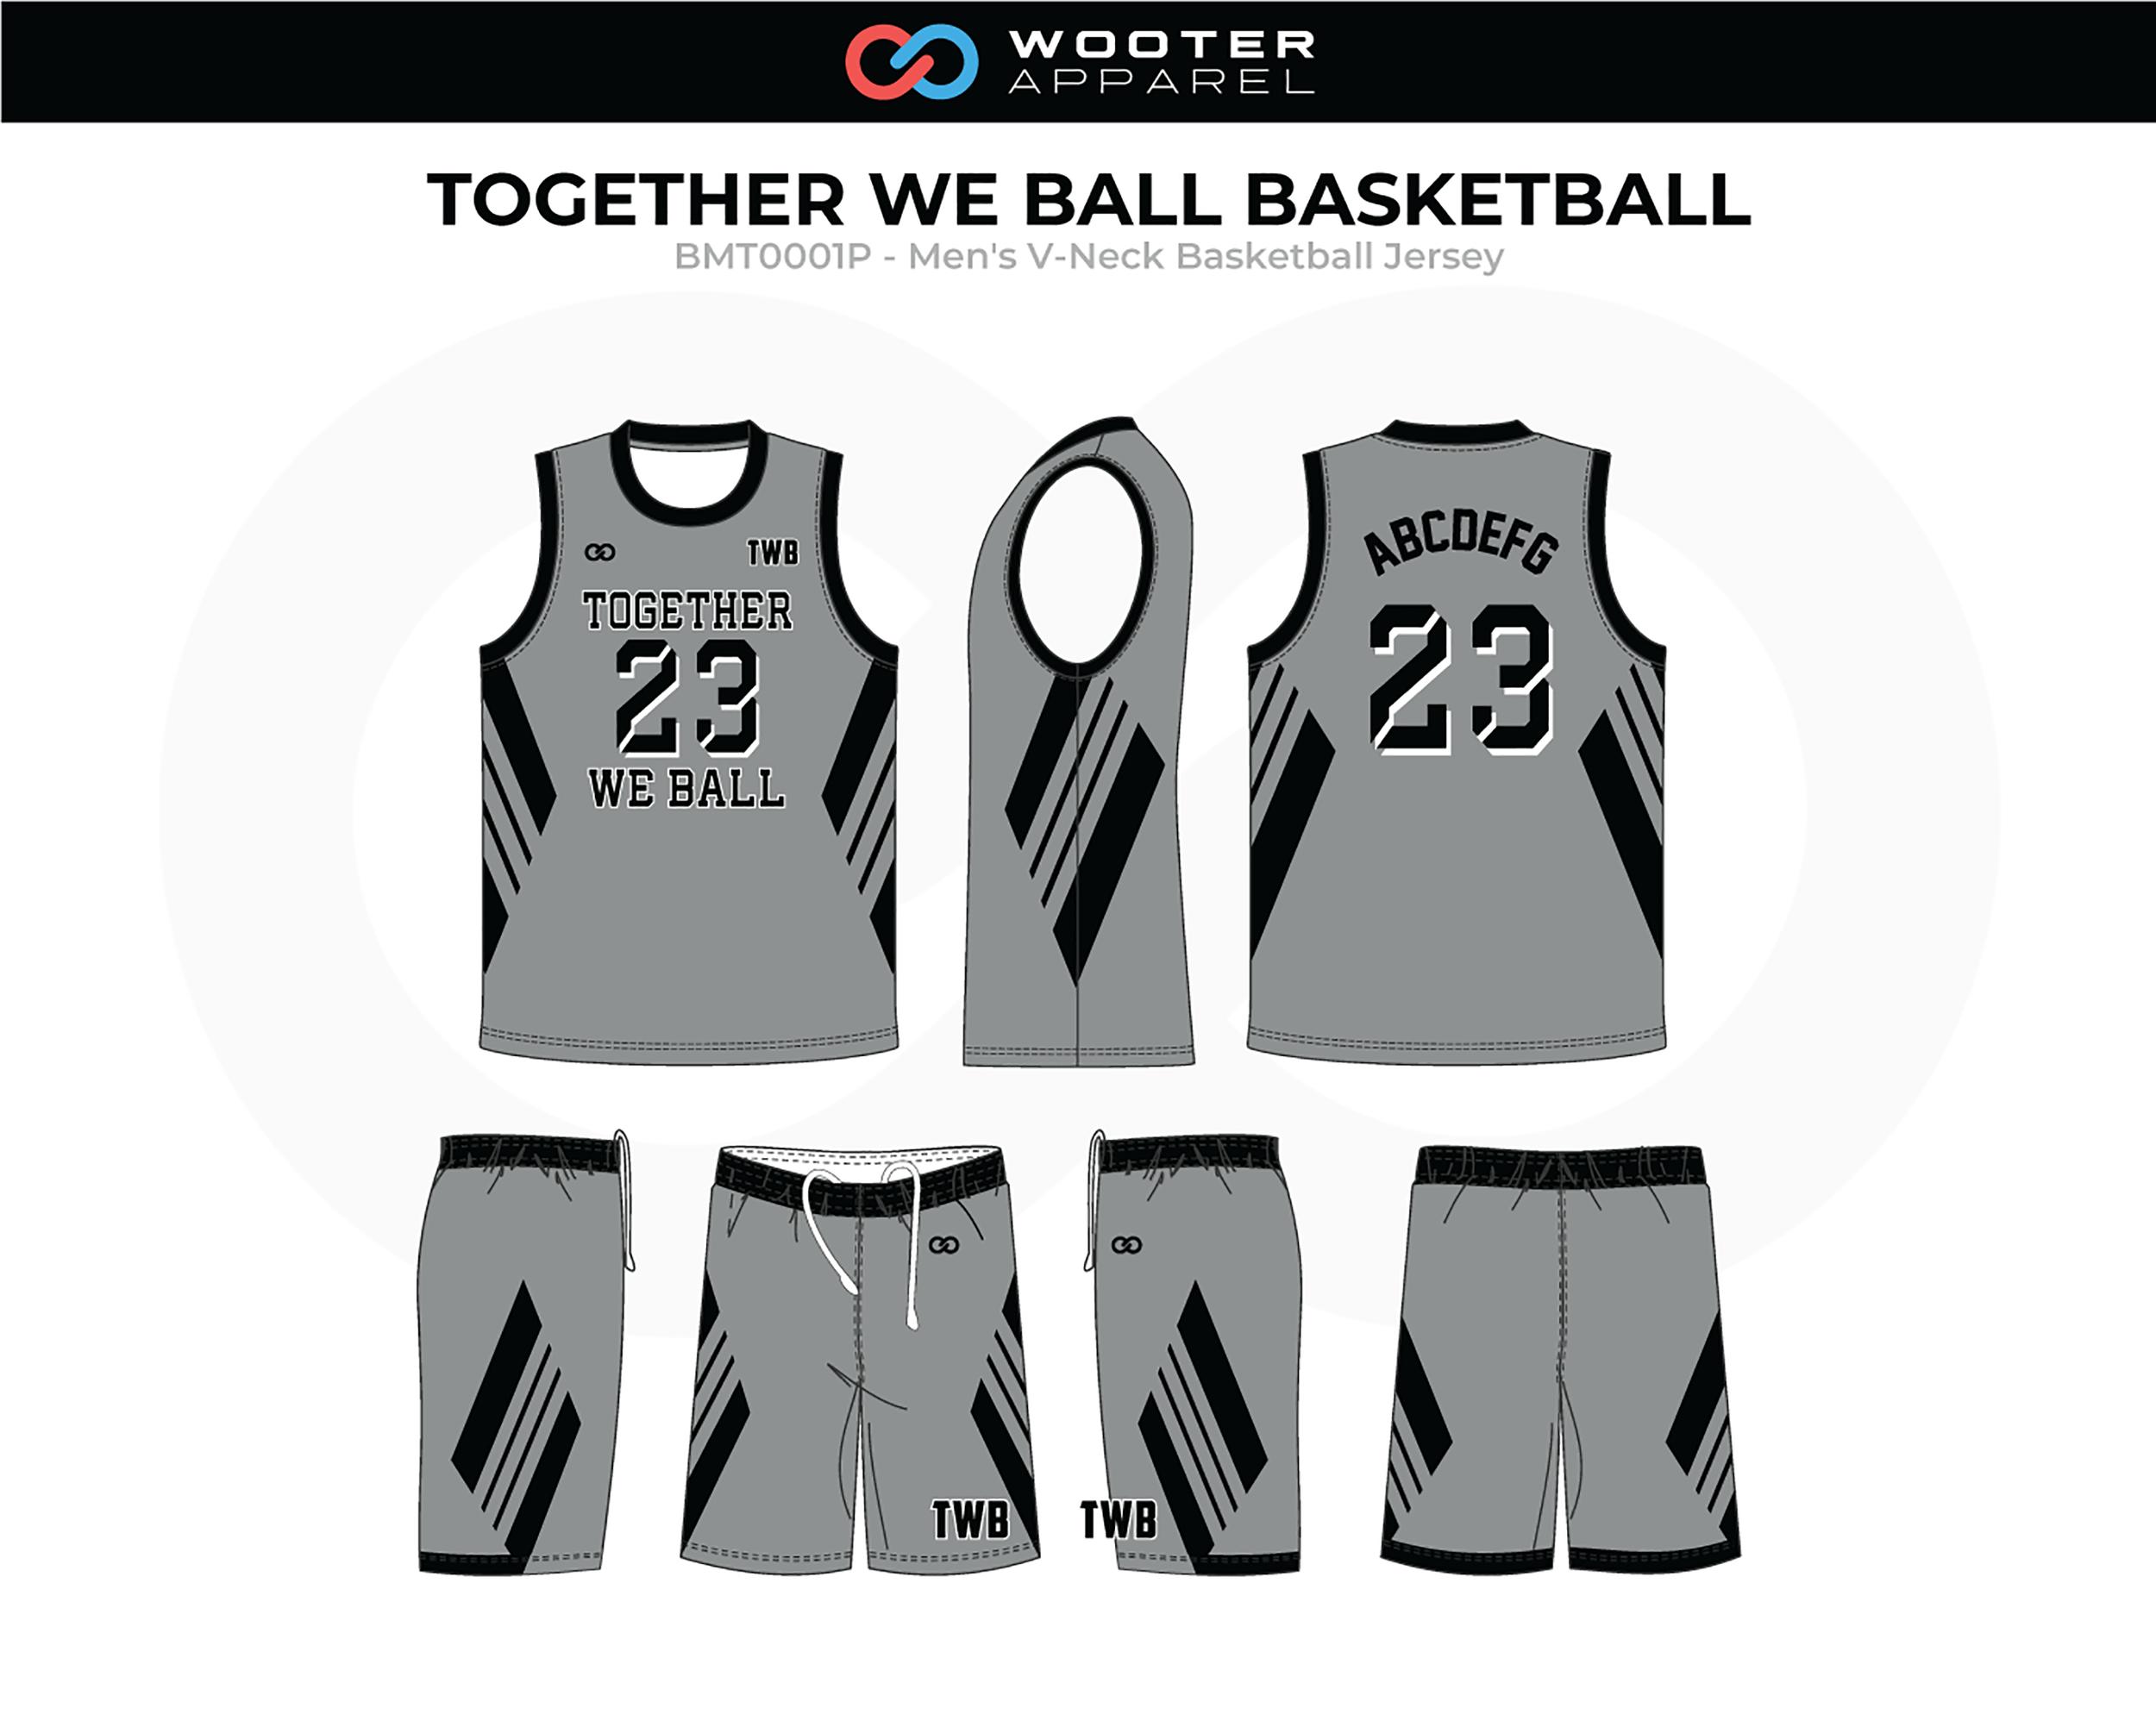 TOGETHER WE BALL Black Grey Men's V-Neck Basketball Uniform, Jersey and Shorts